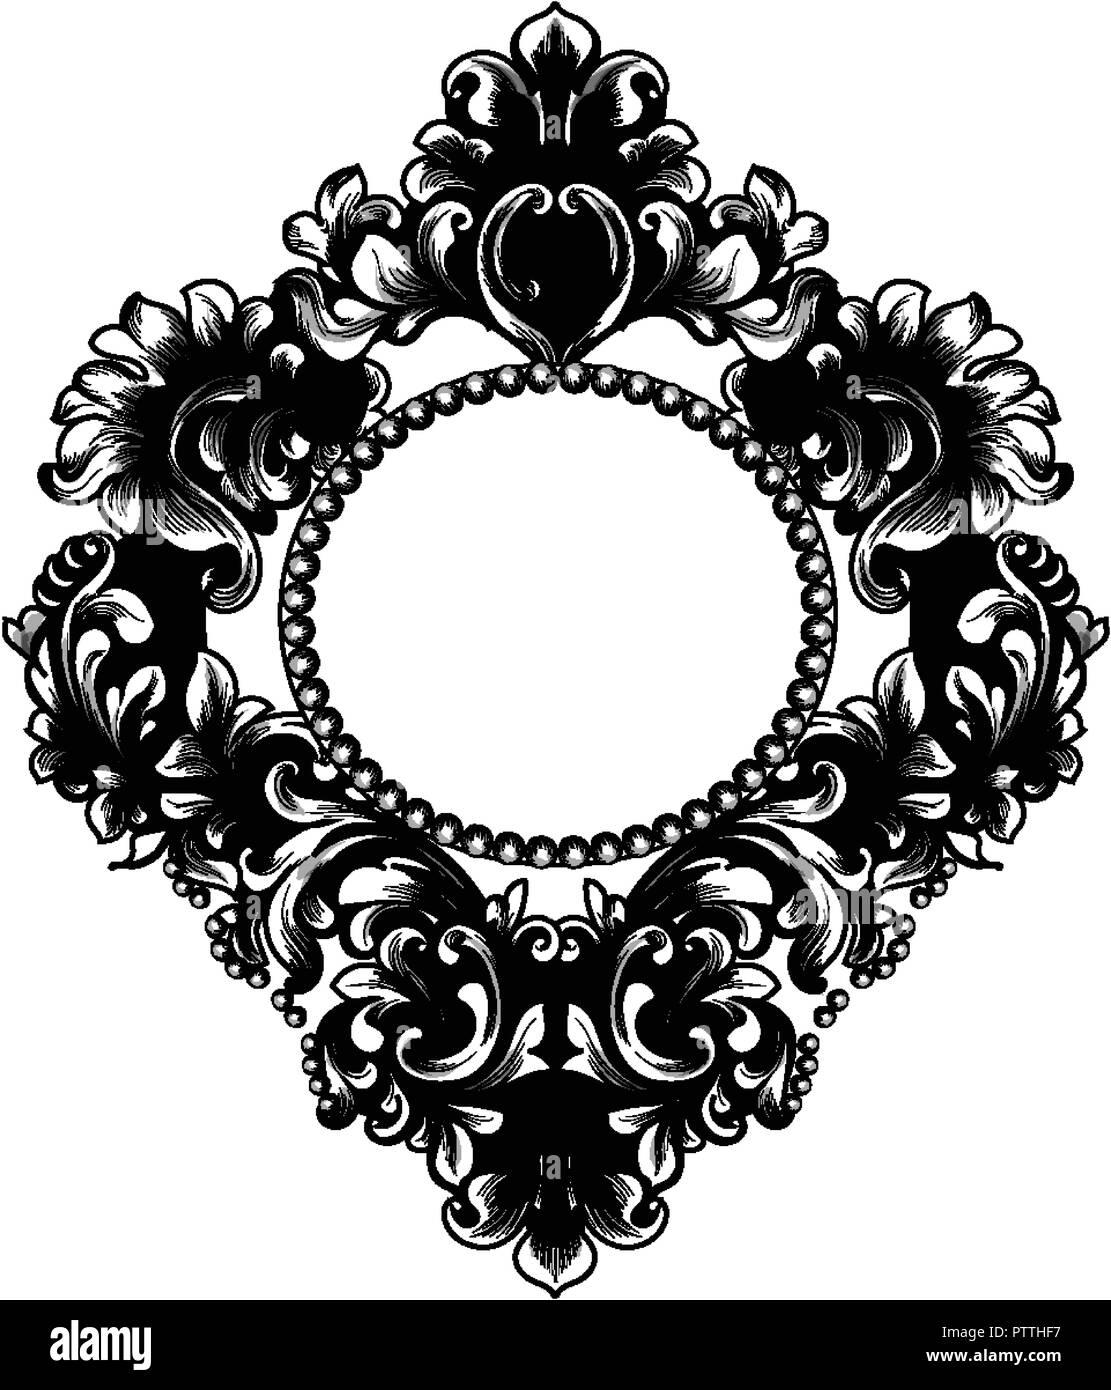 https www alamyimages fr cadre rond baroque vecteur riches ornements complexes de luxe francais miroir de style victorien decor royal image221816763 html